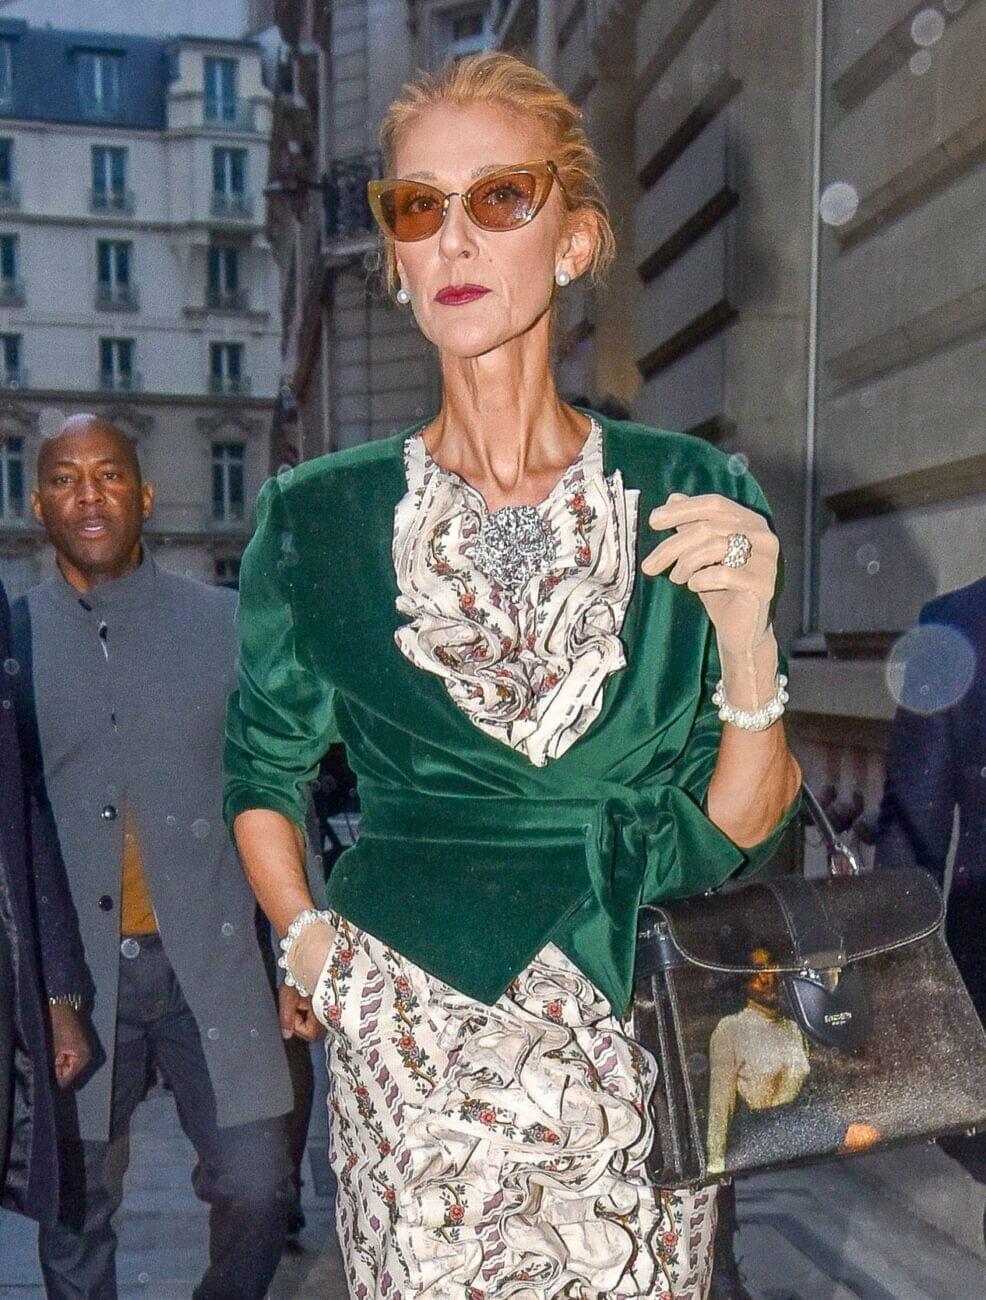 Celine Dion body-shamed